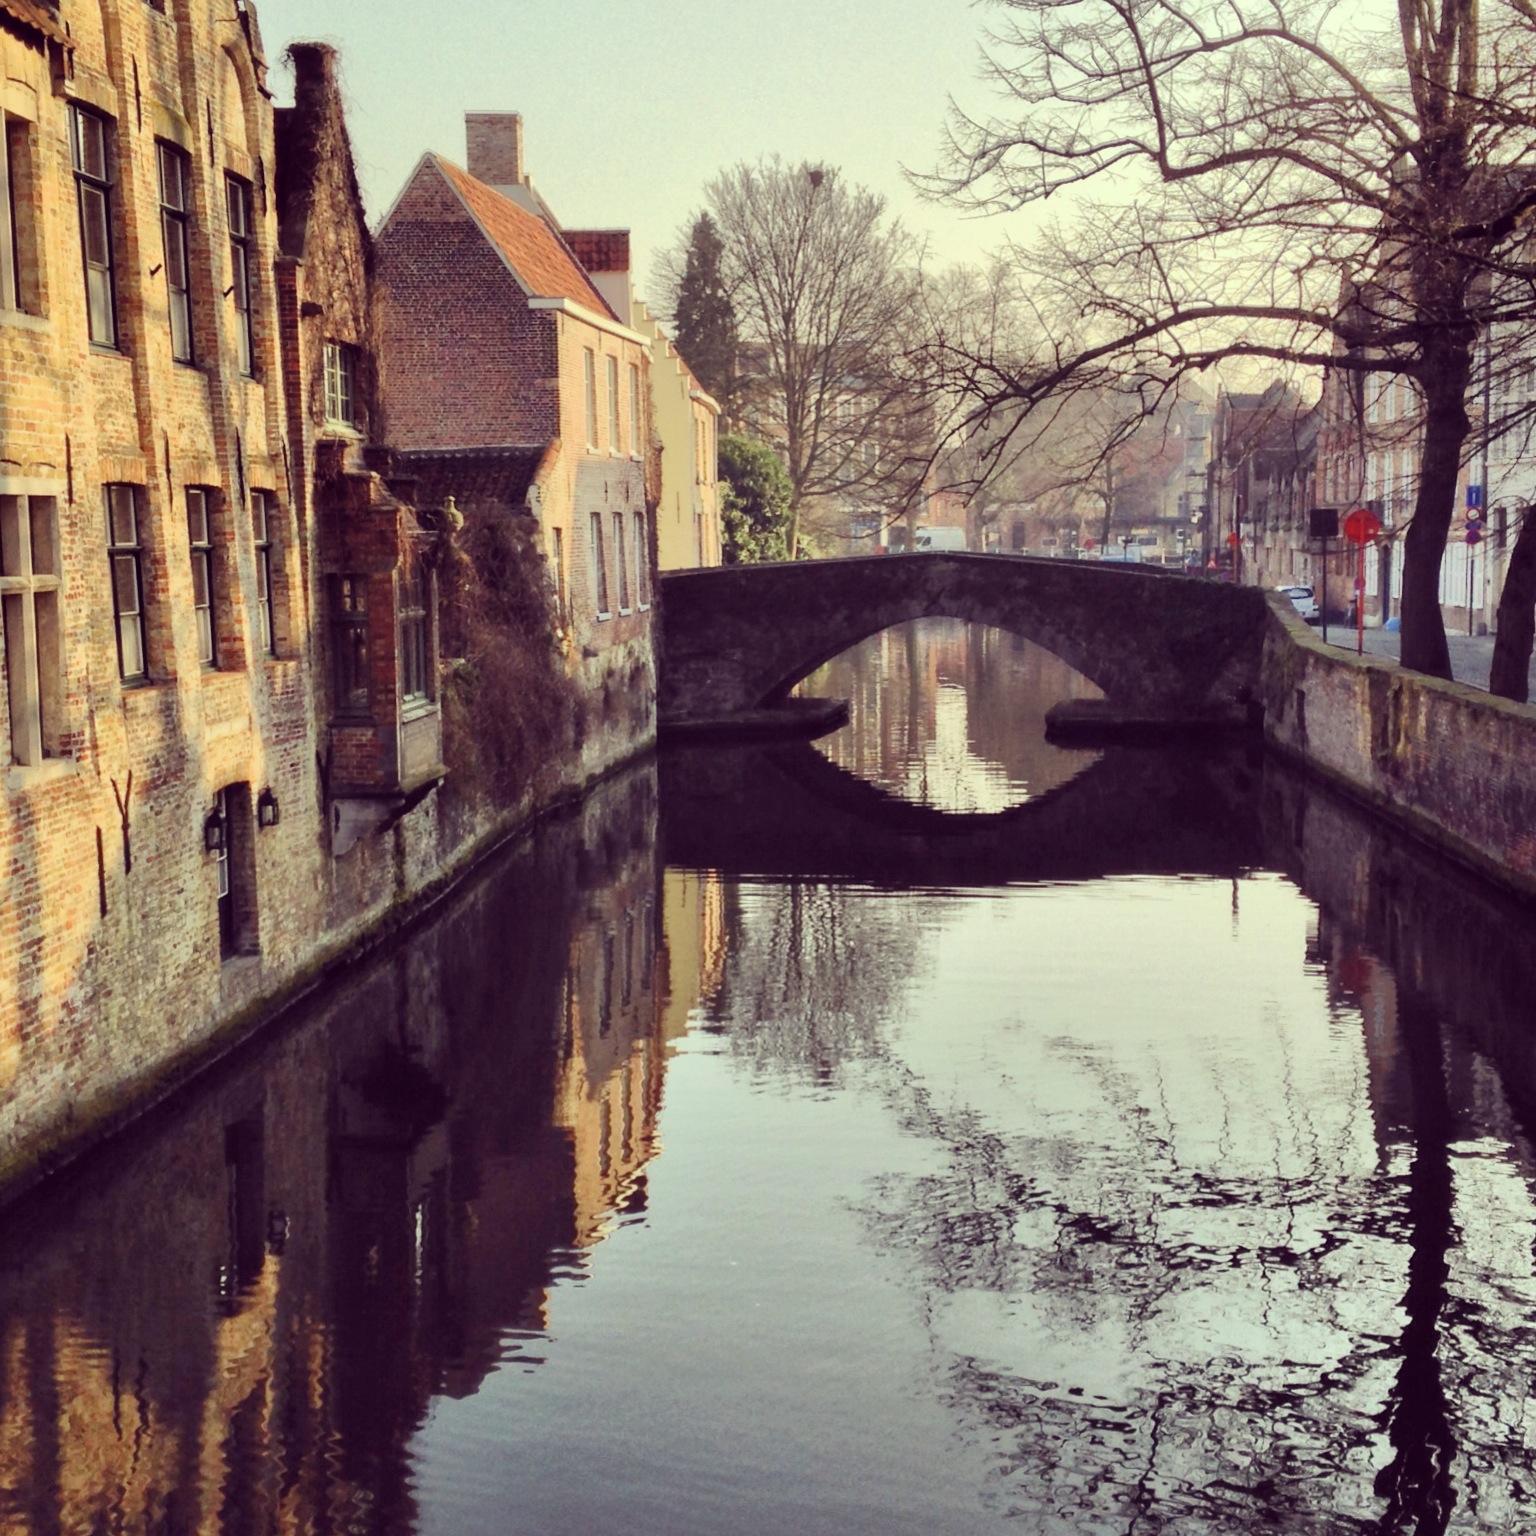 Brugge-bridge